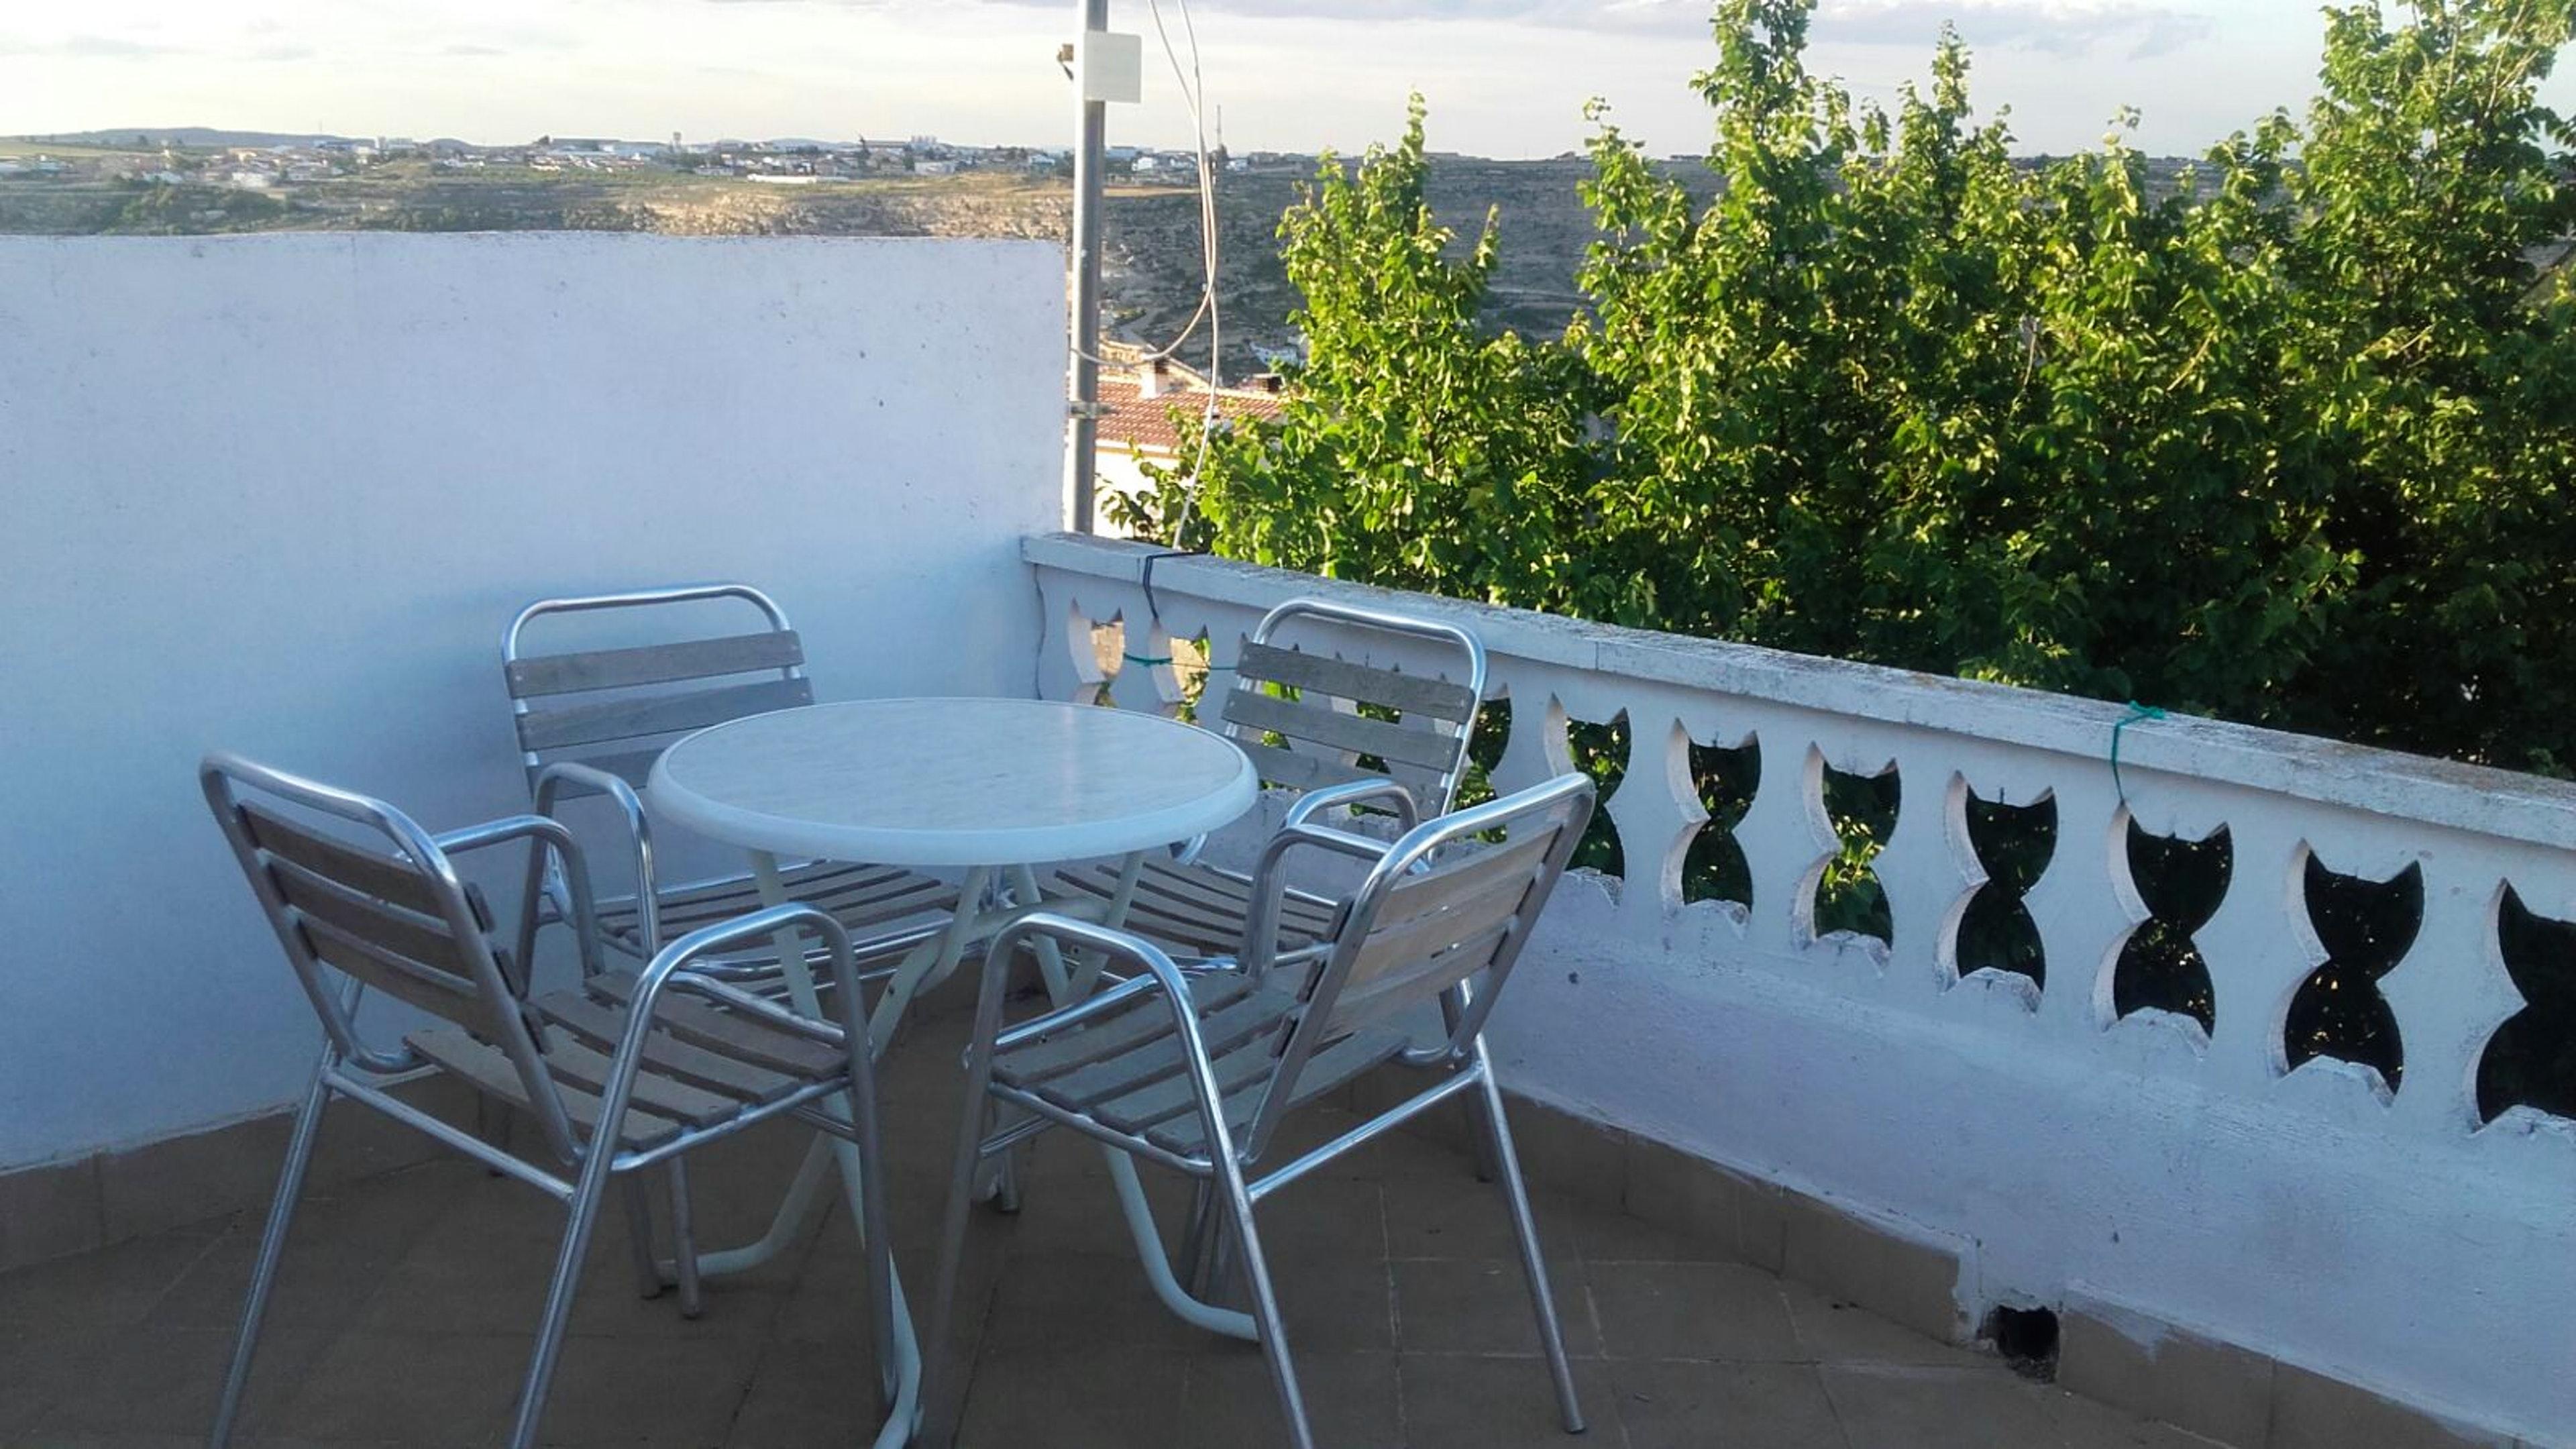 Ferienhaus Haus mit 5 Schlafzimmern in Casas del Cerro mit toller Aussicht auf die Berge und möbliert (2201517), Casas del Cerro, Albacete, Kastilien-La Mancha, Spanien, Bild 13